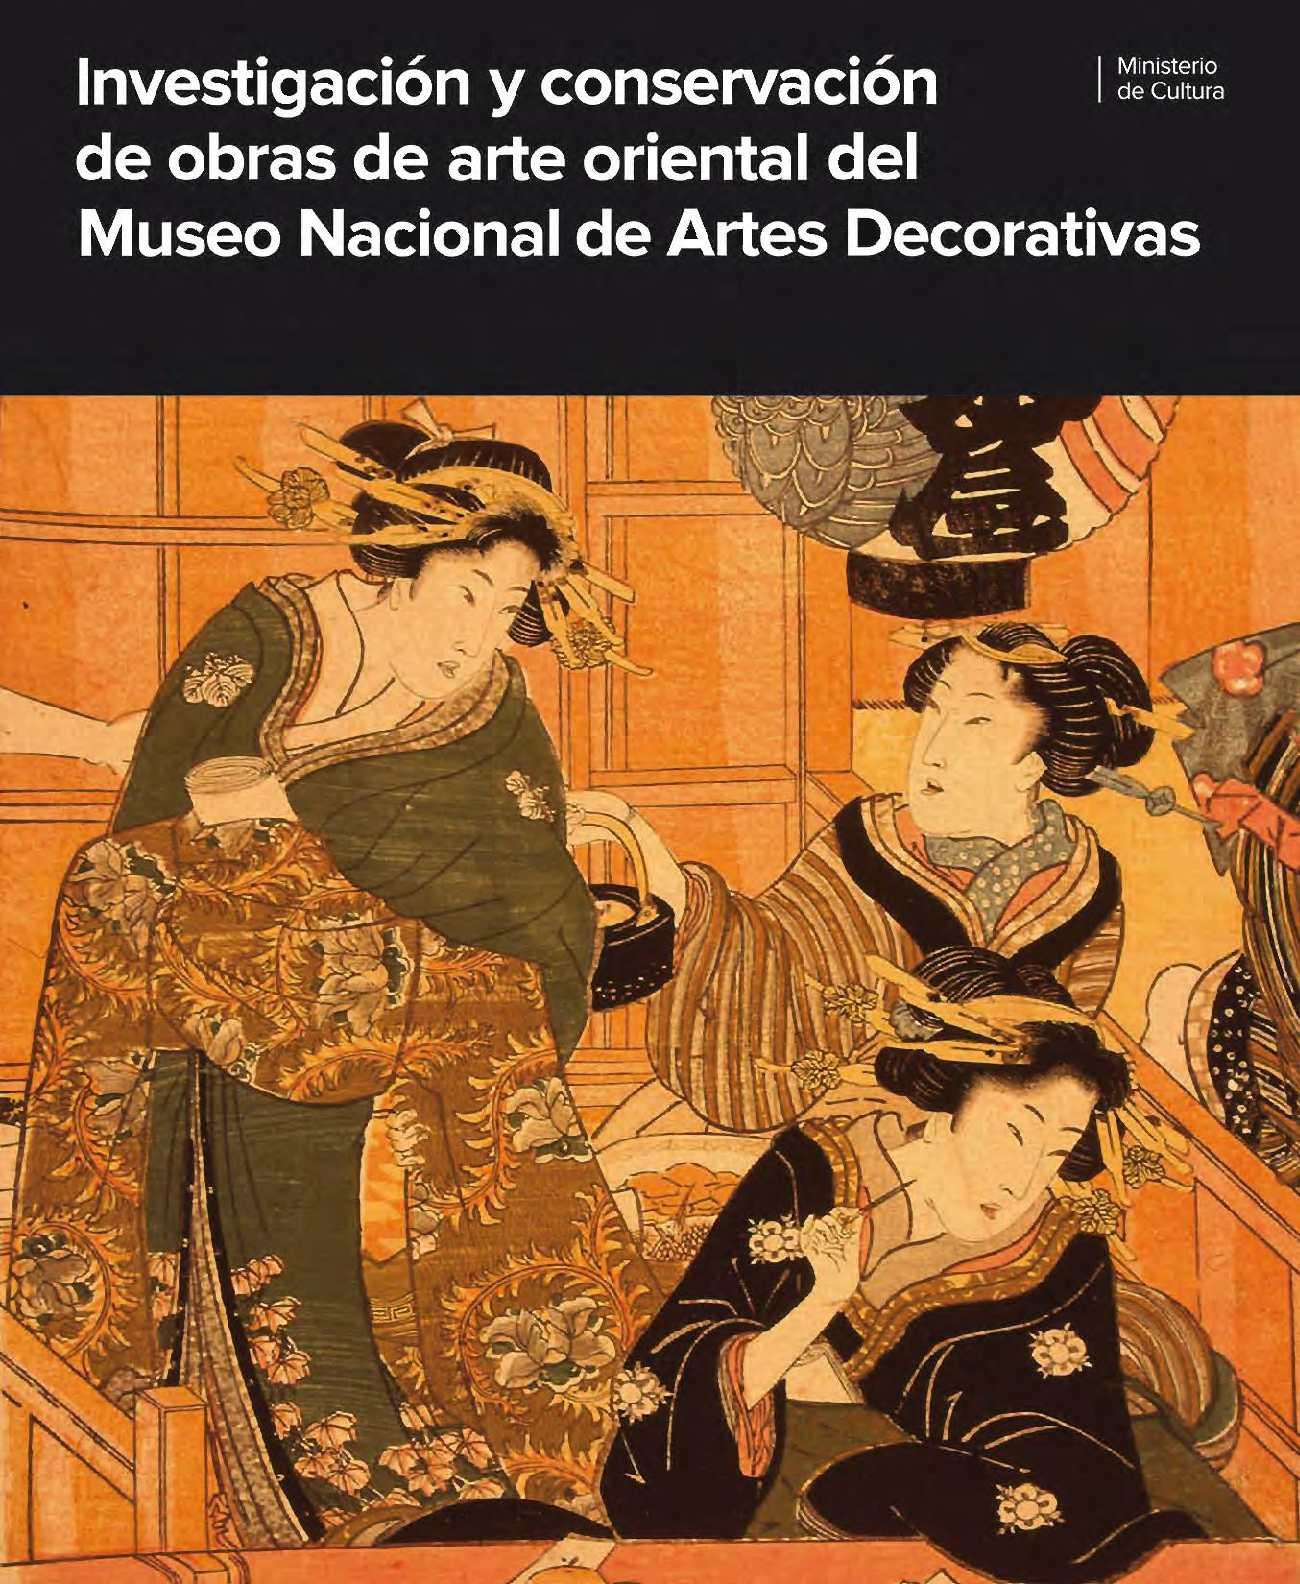 0c14f1e80 Calaméo - Investigación y conservación de obras de arte oriental del Museo  Nacional de Artes Decorativas